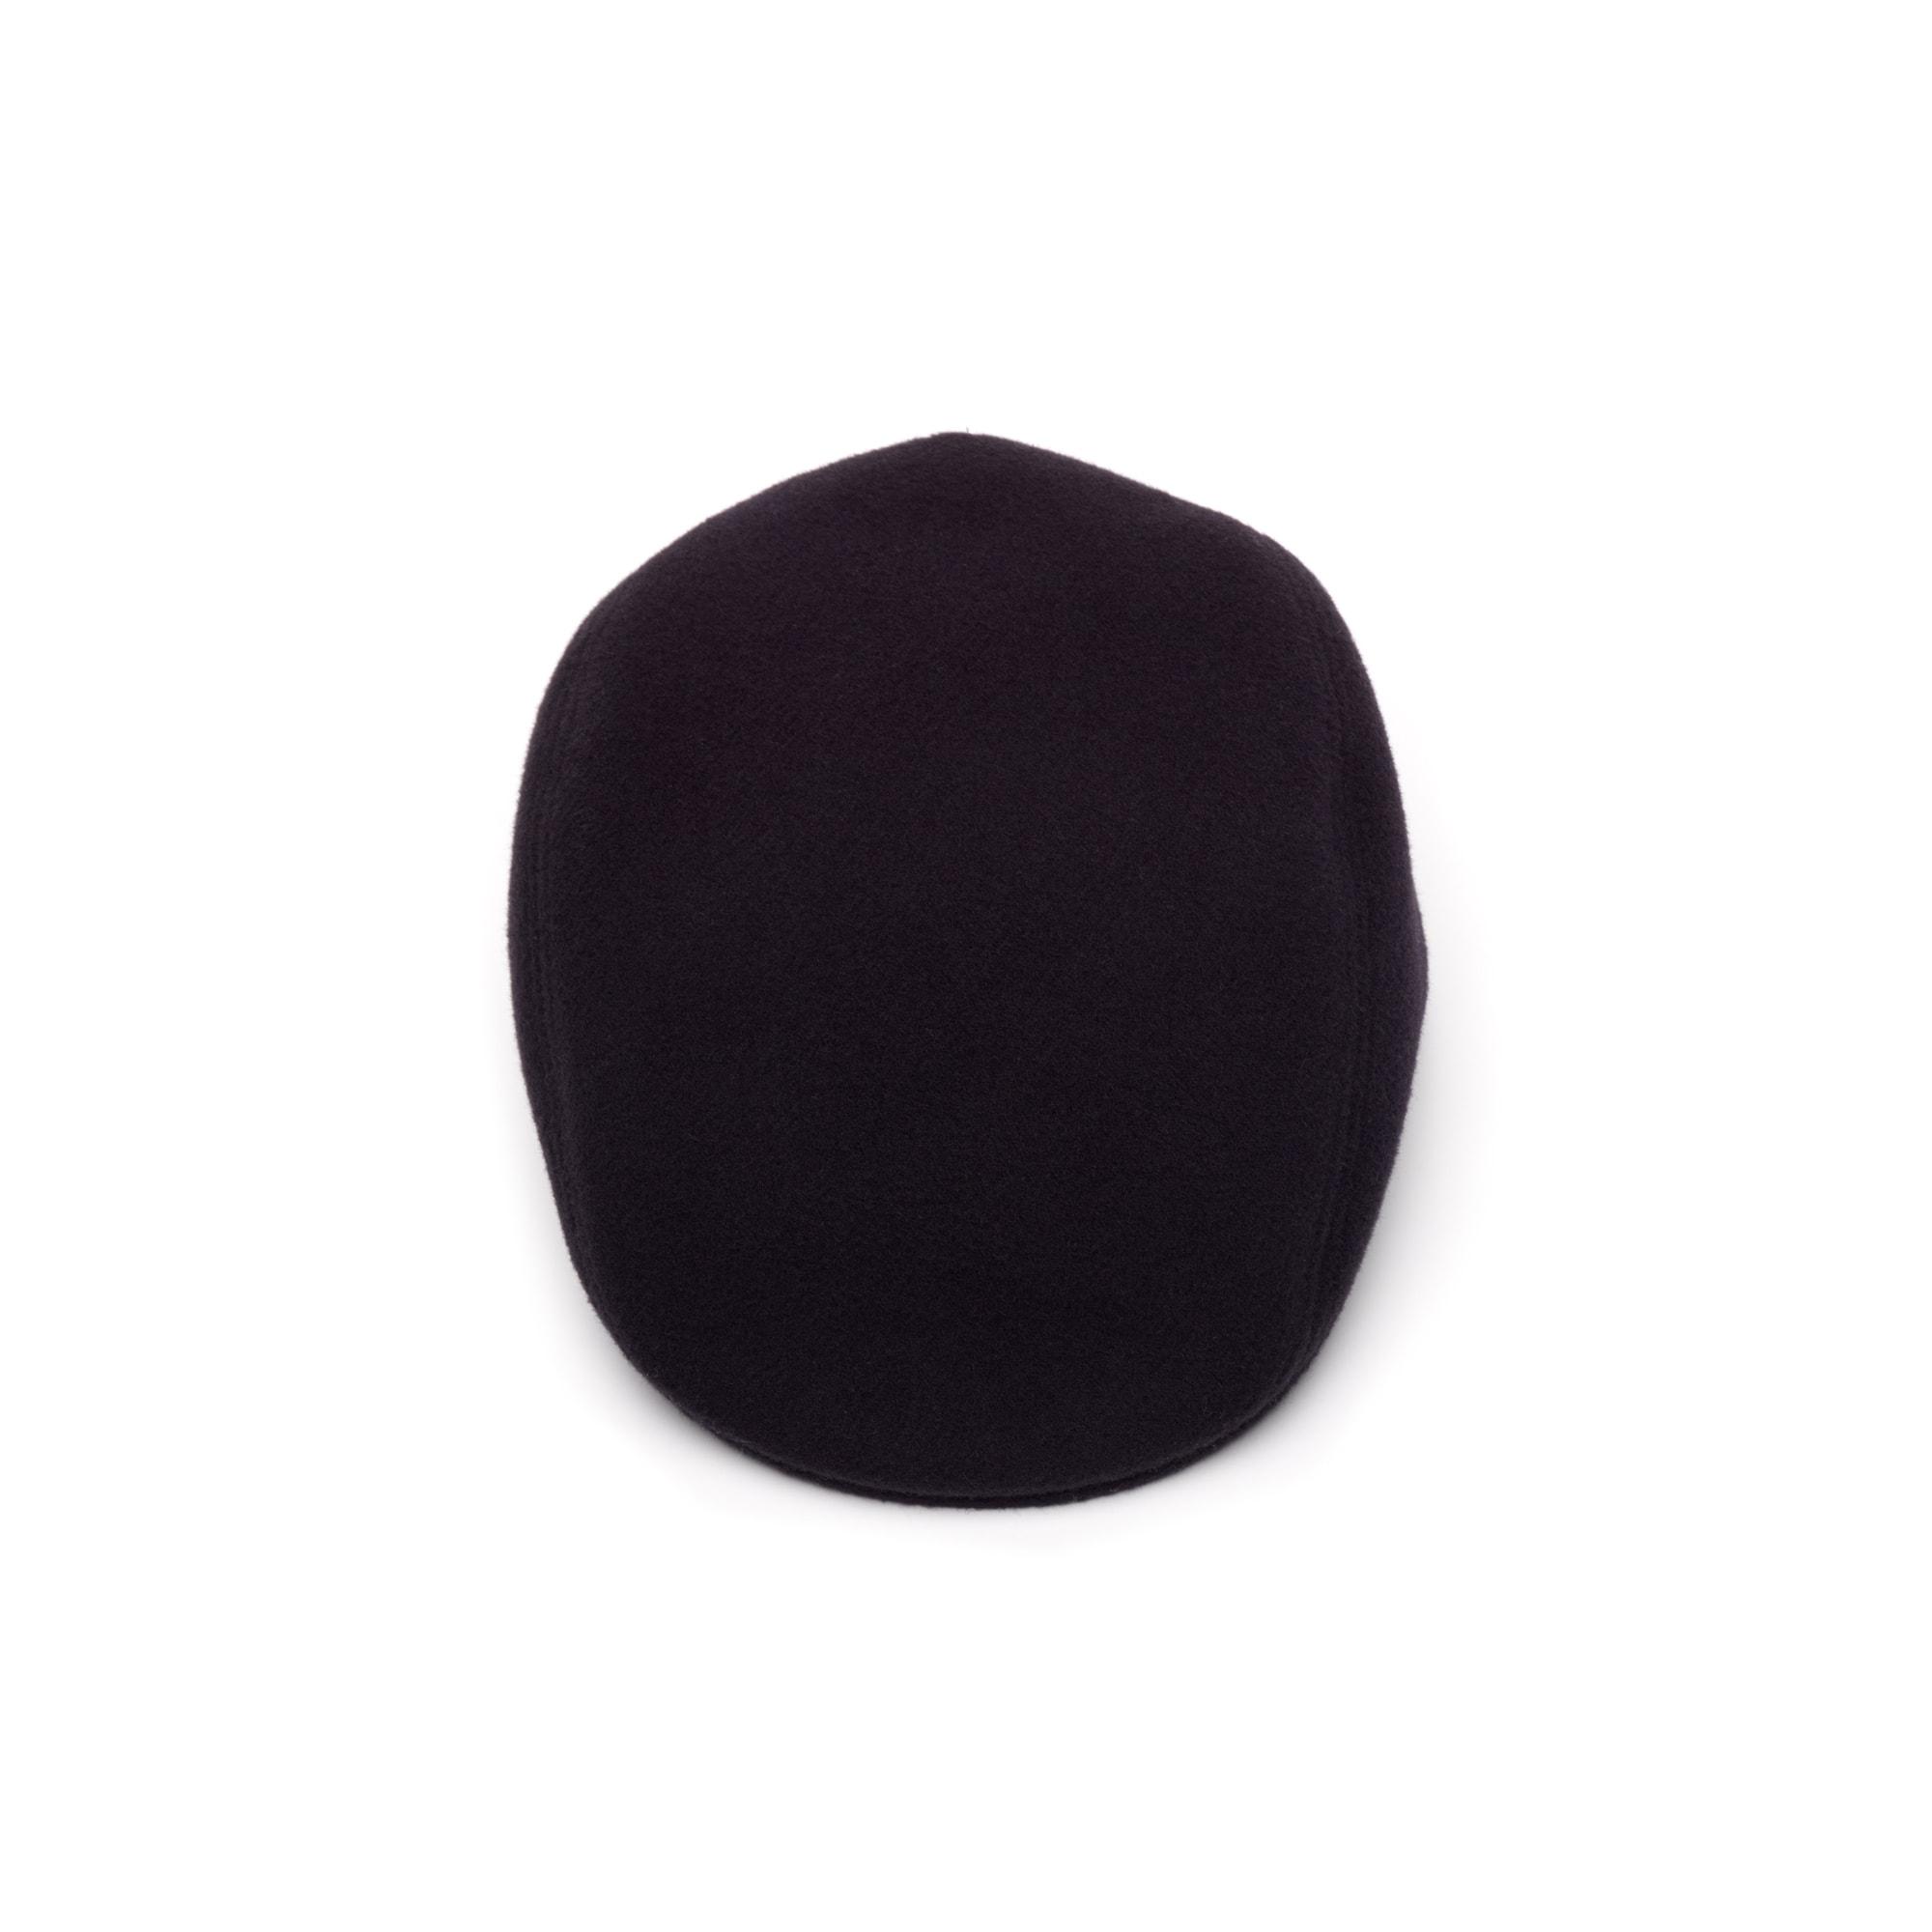 Lacoste - Gorra de hombre plana de paño de lana - 3